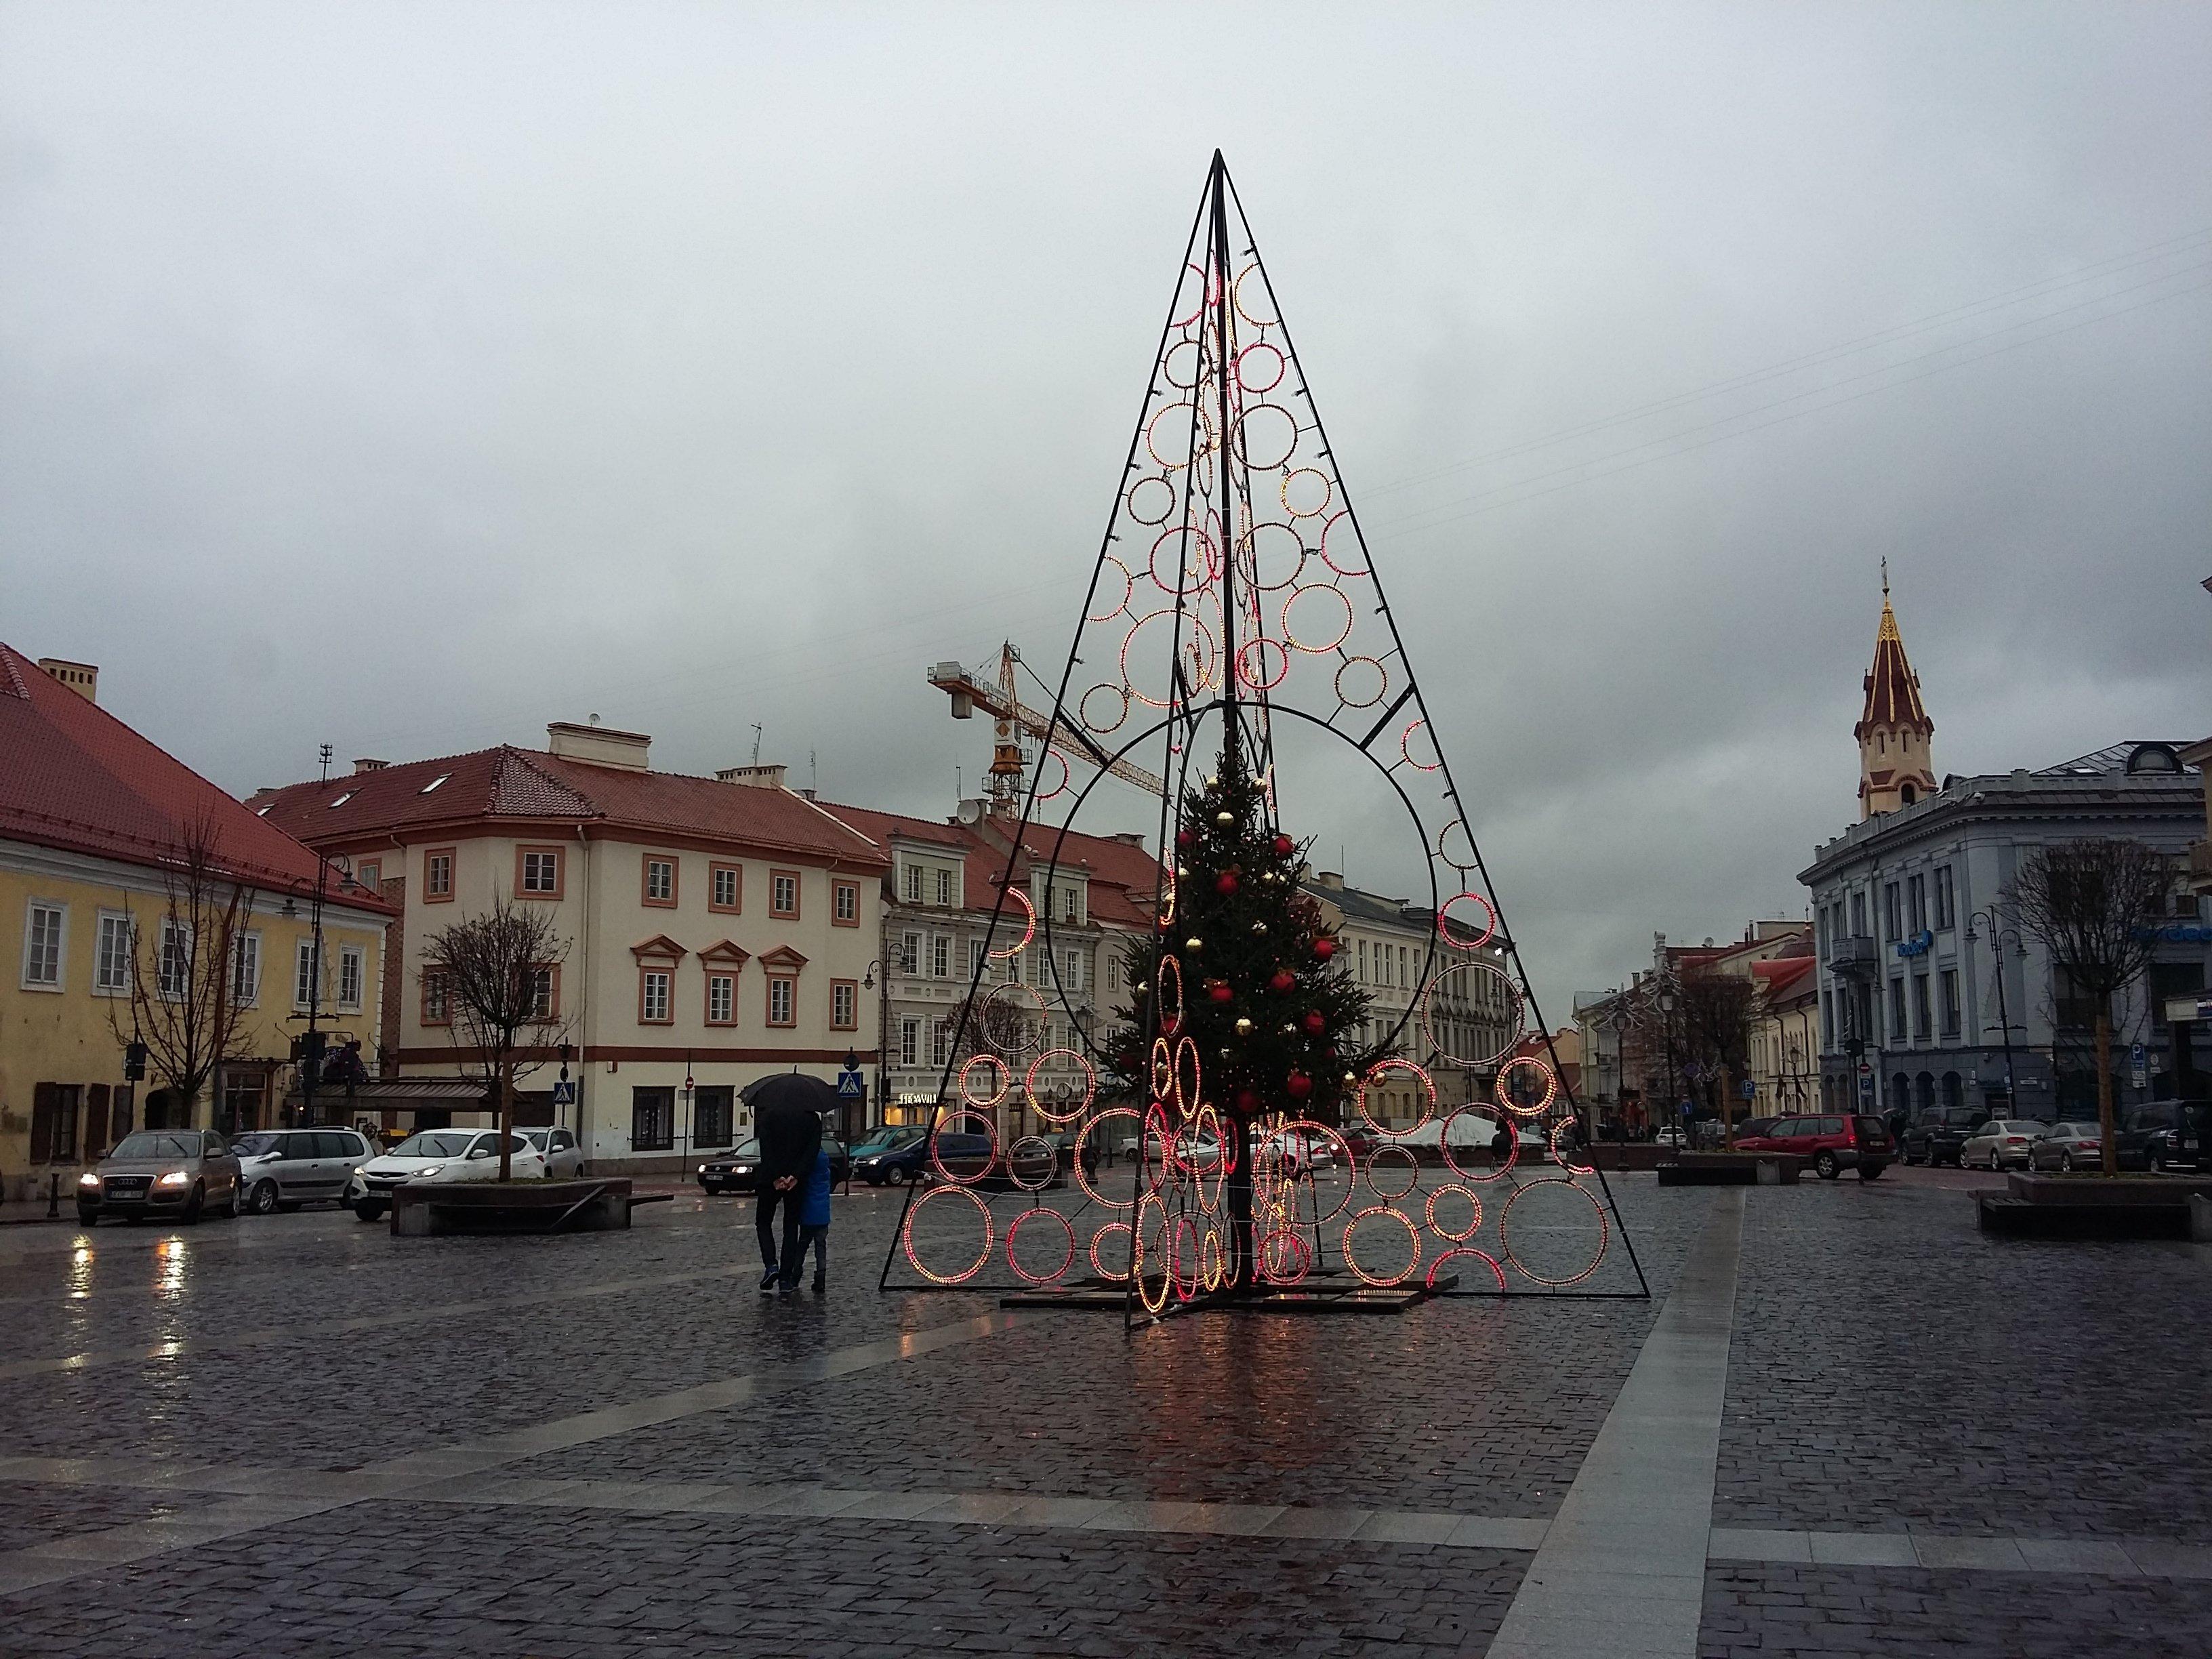 Iš panašių detalių šiemet sukonstruota, tačiau neišpopuliarėjusi Kalėdų eglutė Vilniaus rotušės aikštėje. Alytausgidas.lt nuotr.